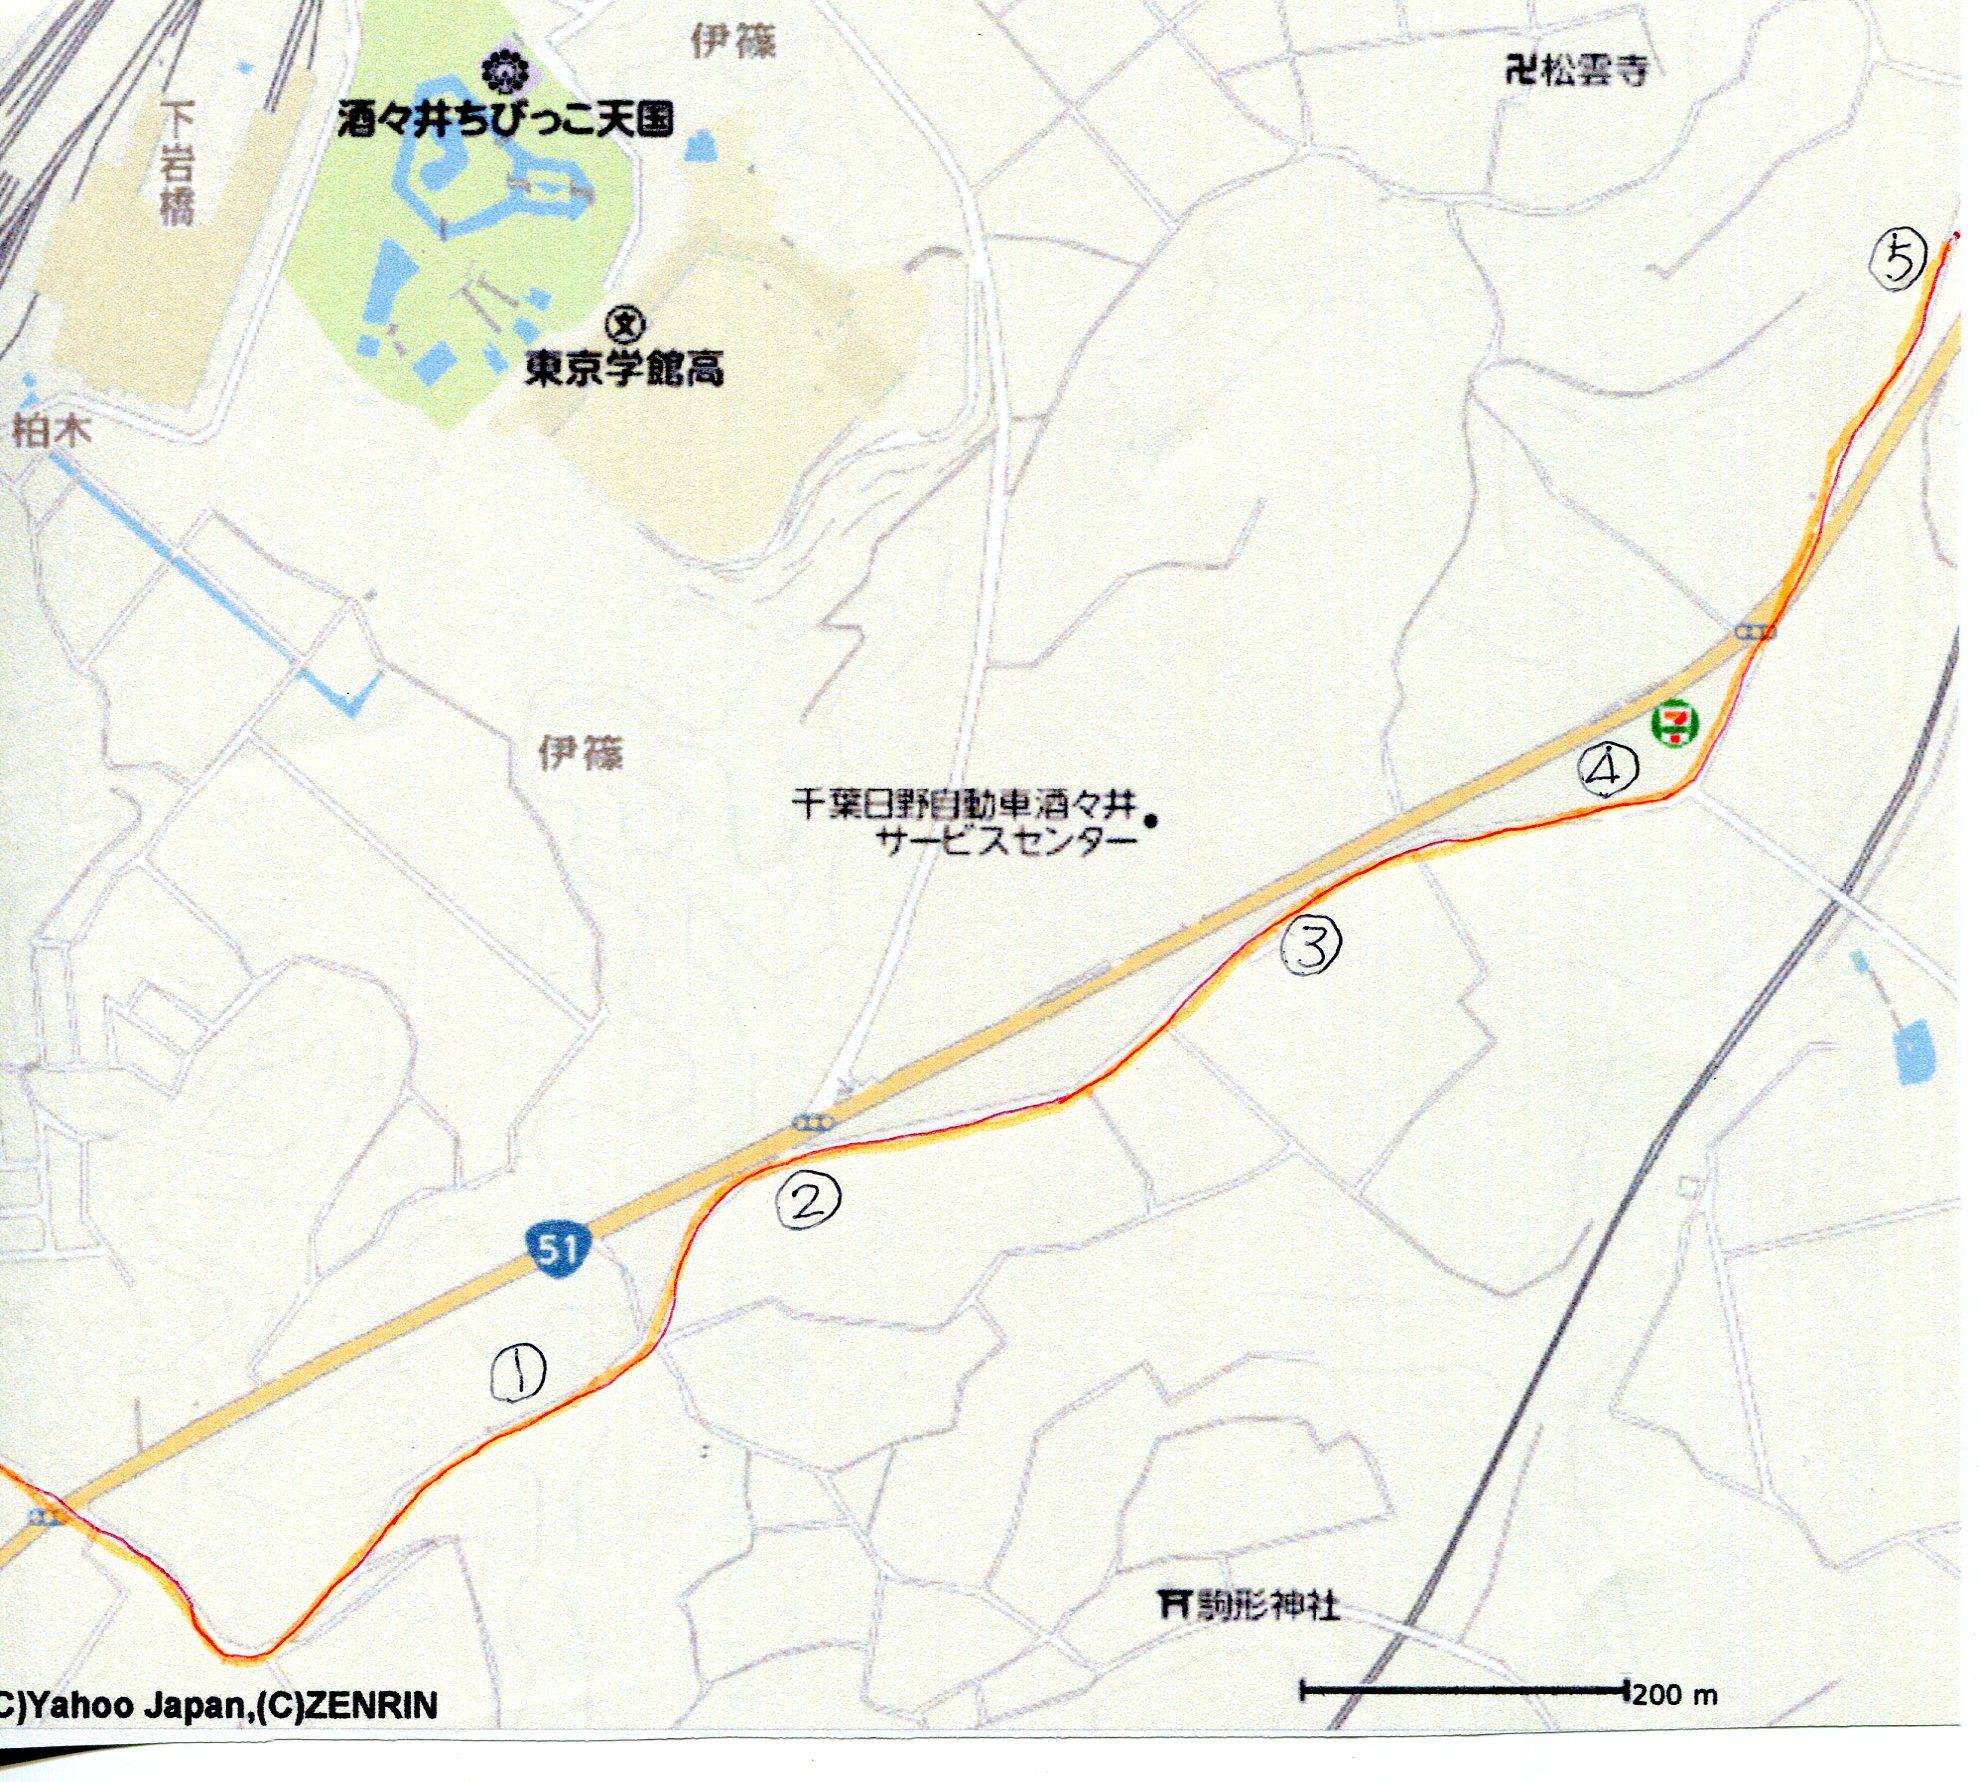 成田街道マップー2